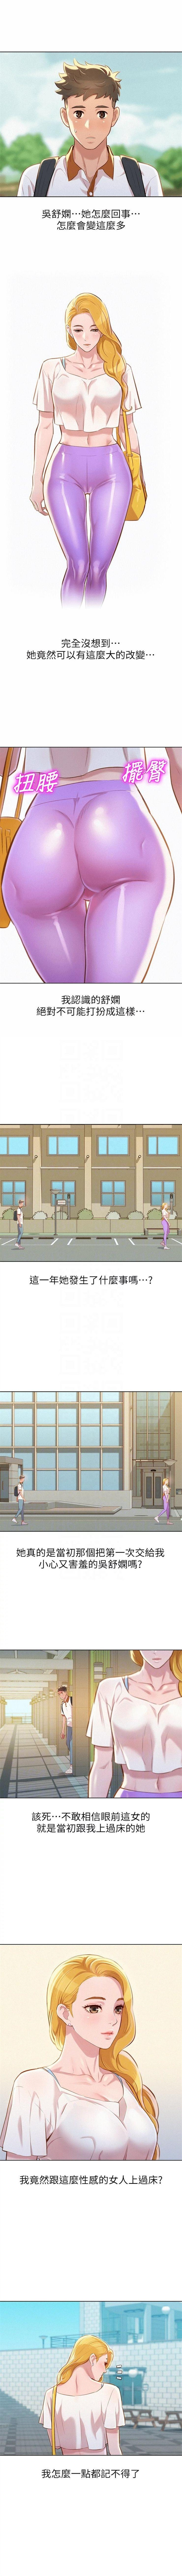 (周7)漂亮干姐姐  1-81 中文翻译 (更新中) 322